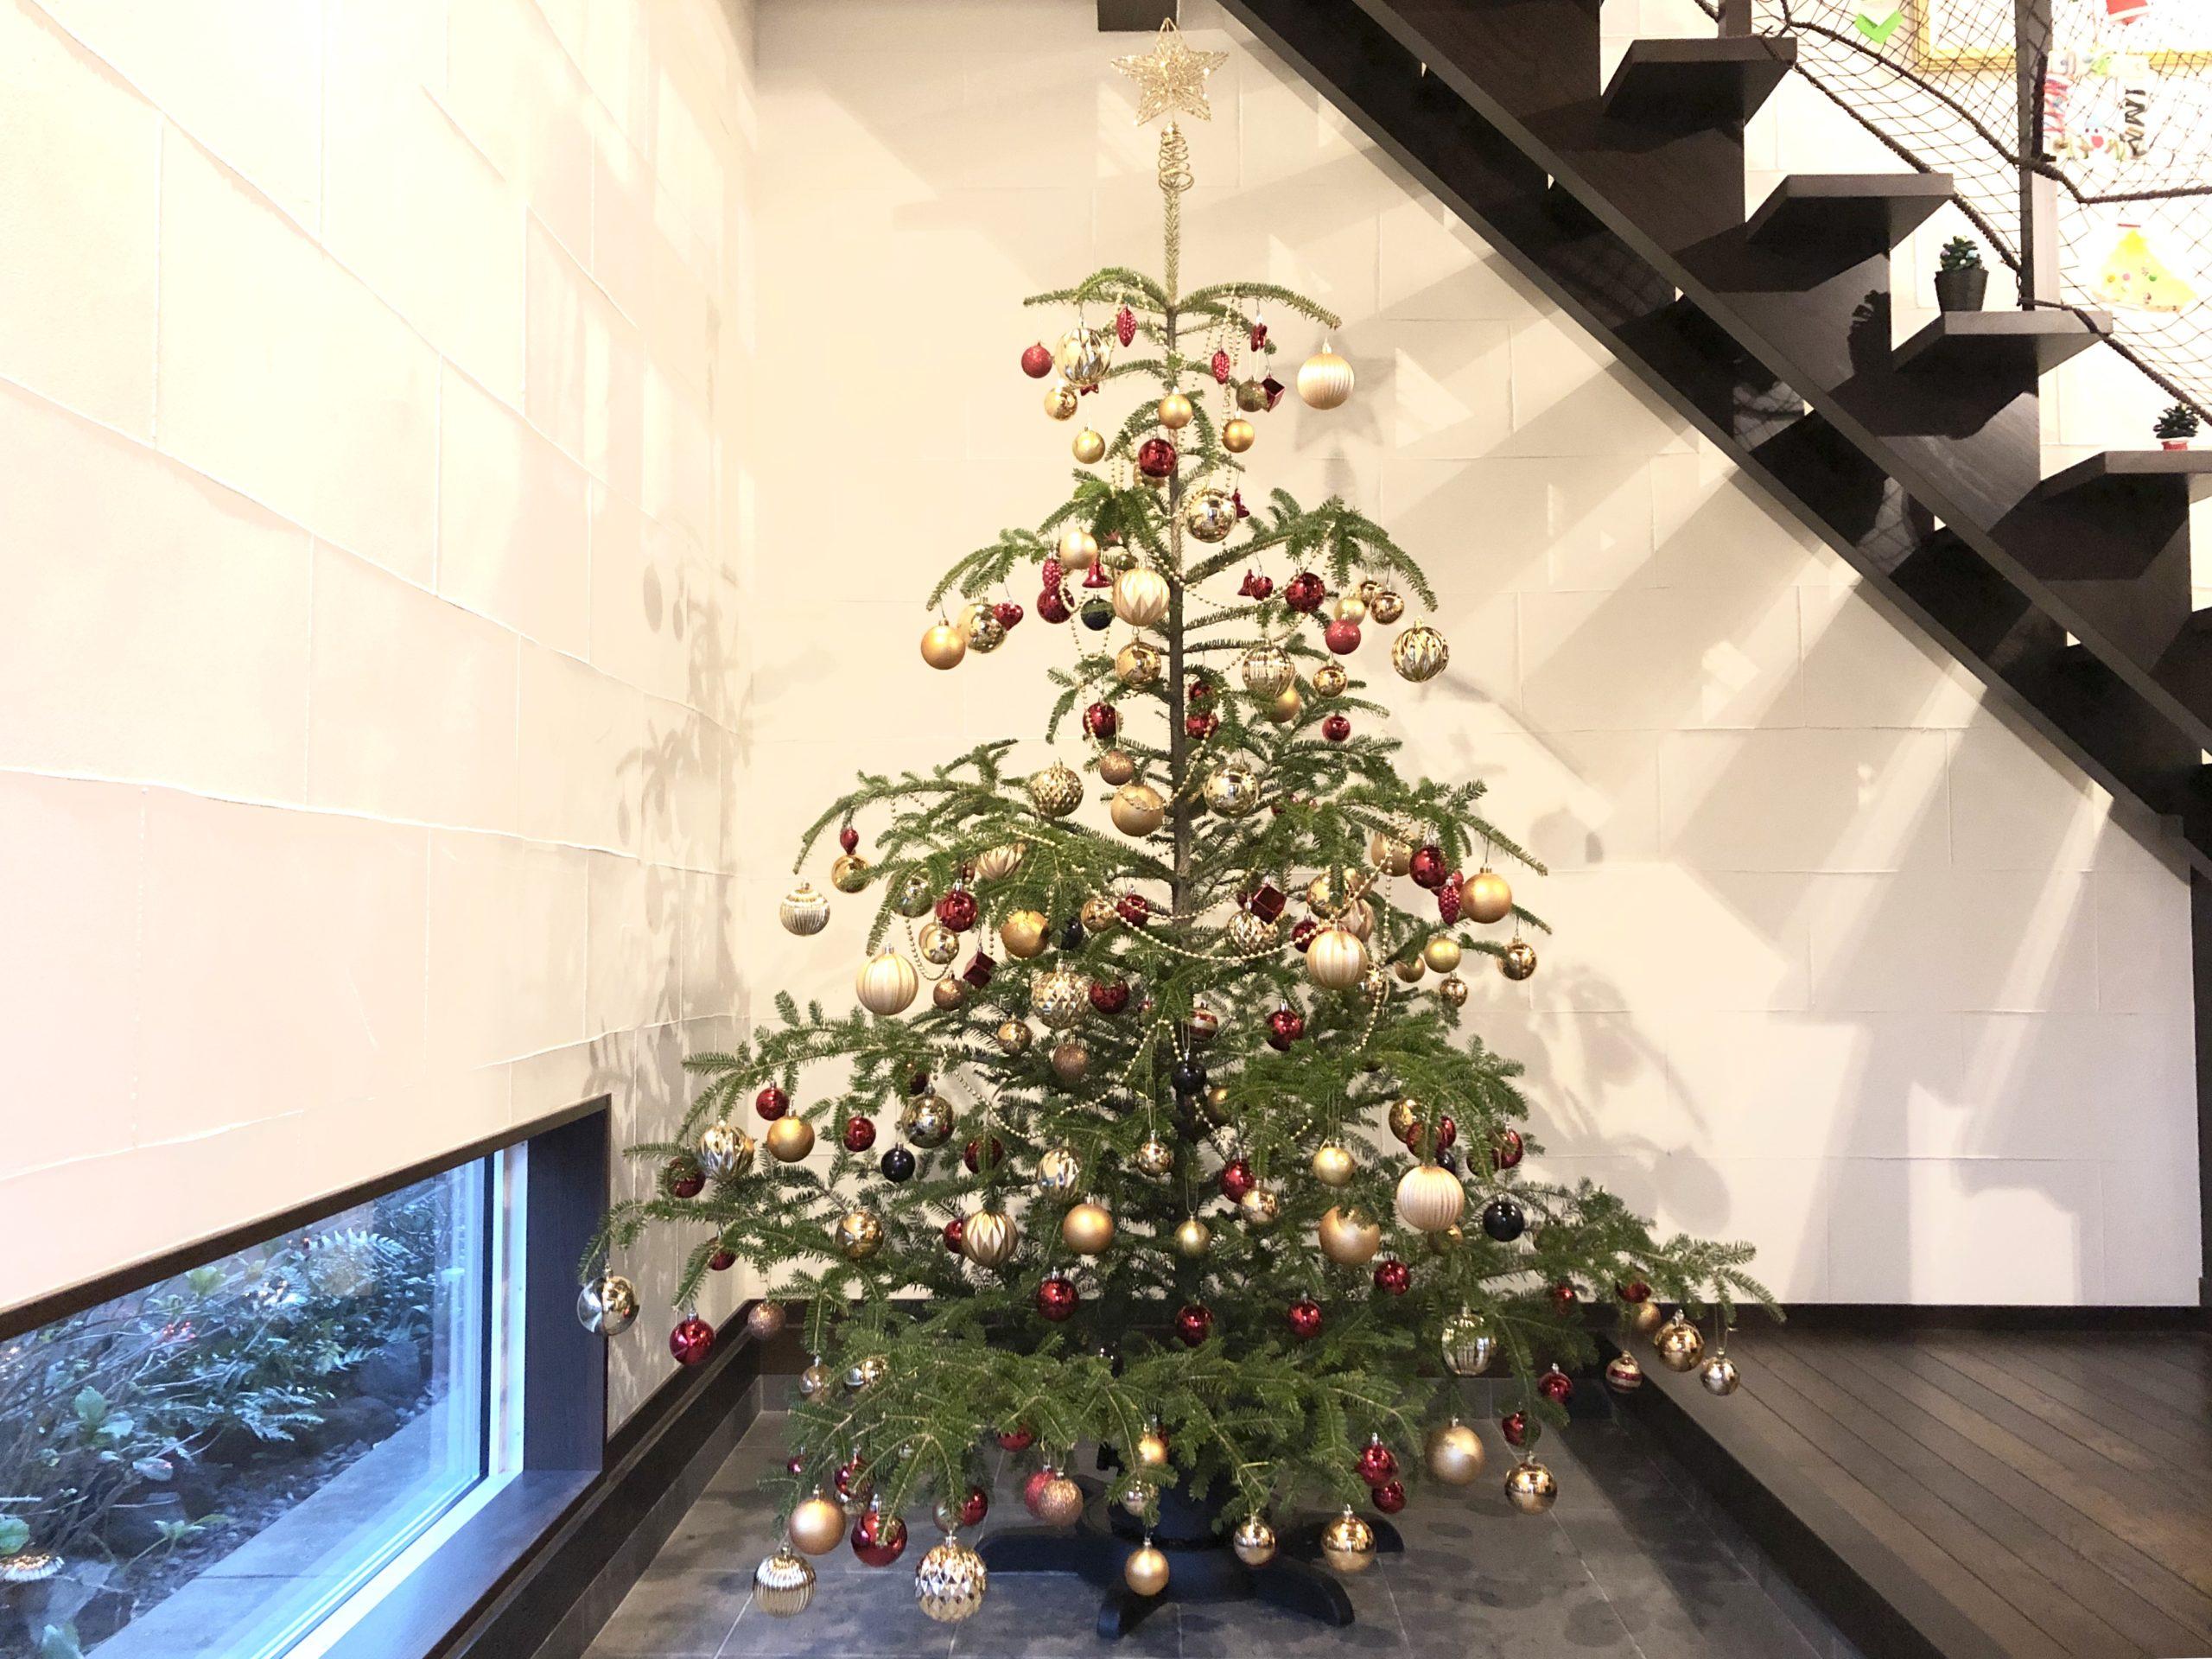 クリスマスツリーred&gold